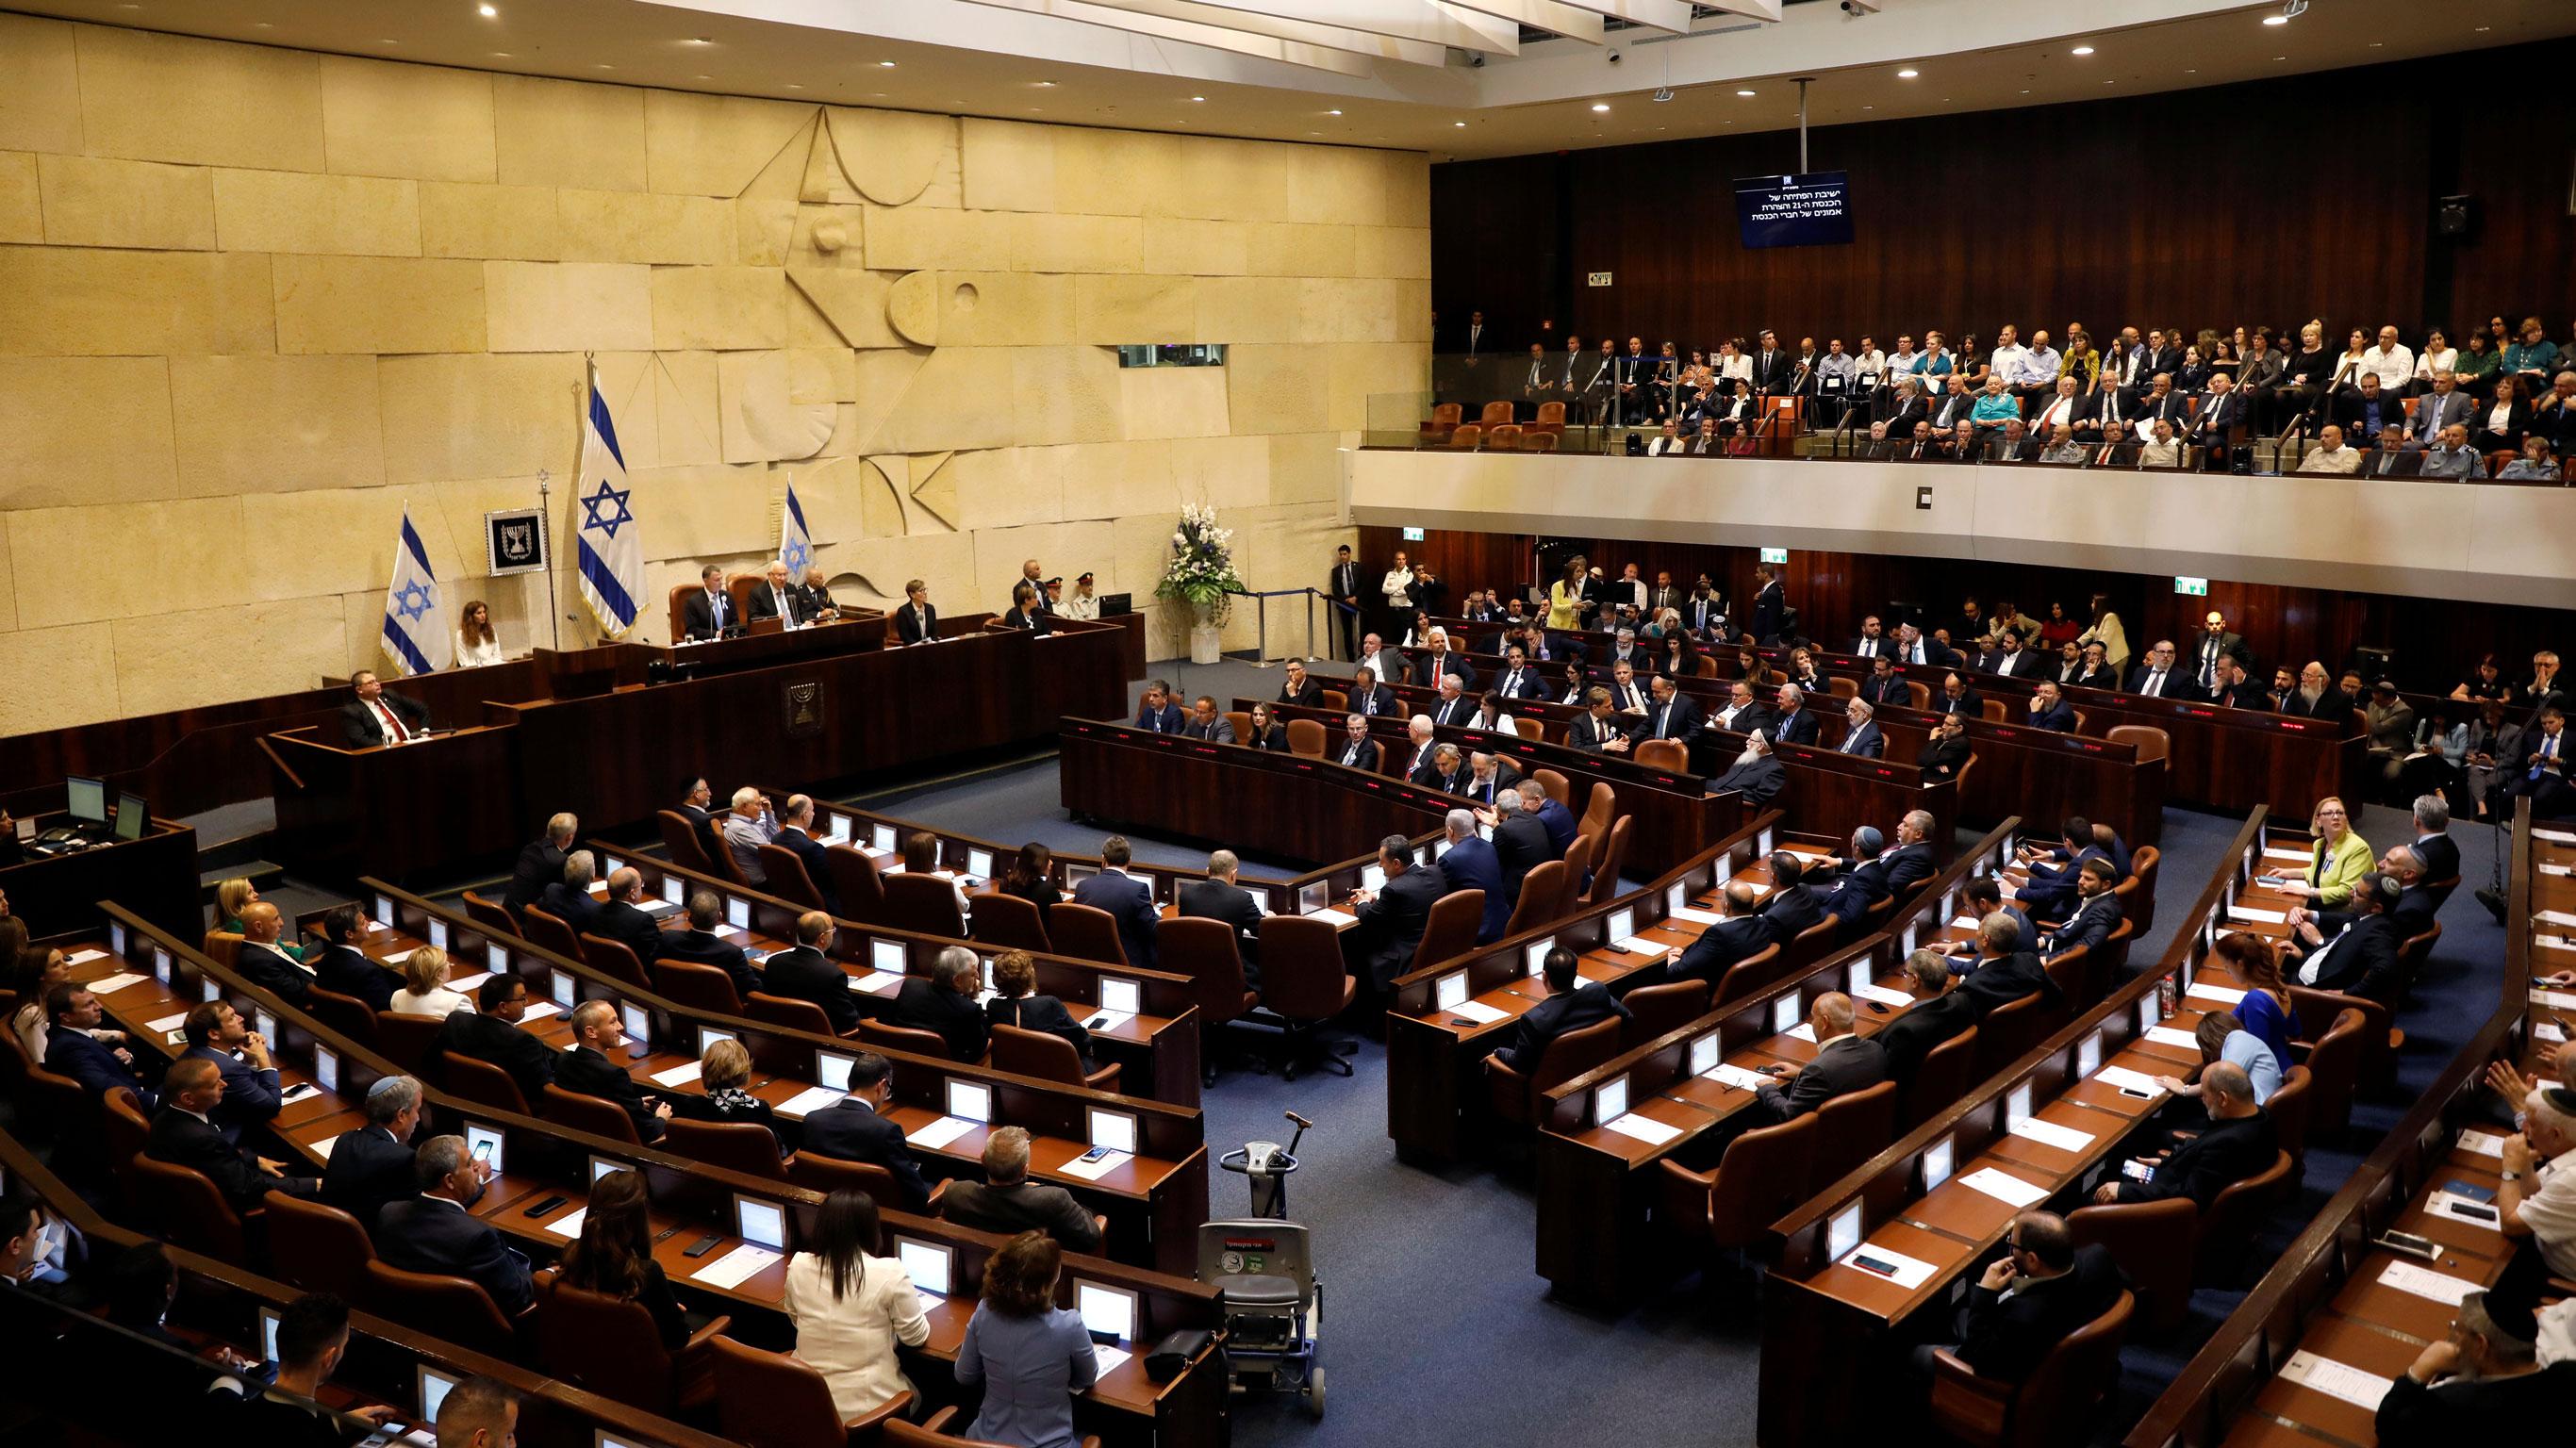 انحلال رسمی کنست/ برگزاری سومین انتخابات پارلمانی در سرزمینهای اشغالی